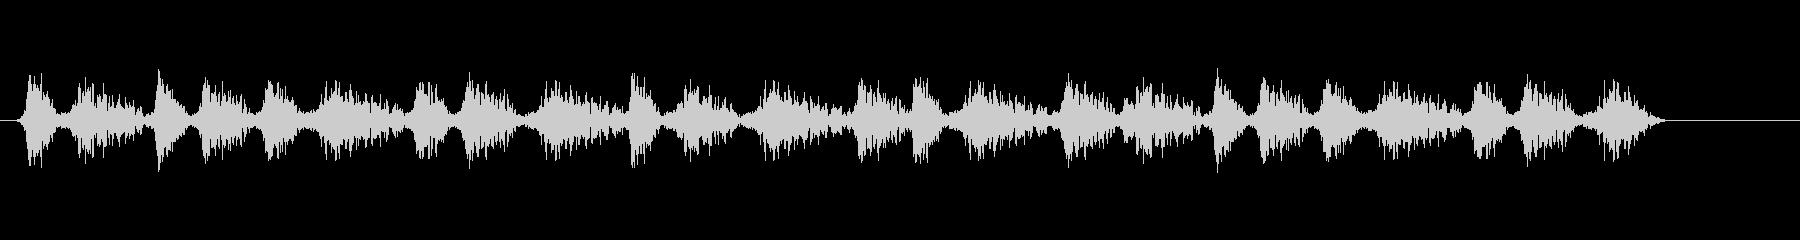 ヒューヒュー 27の未再生の波形